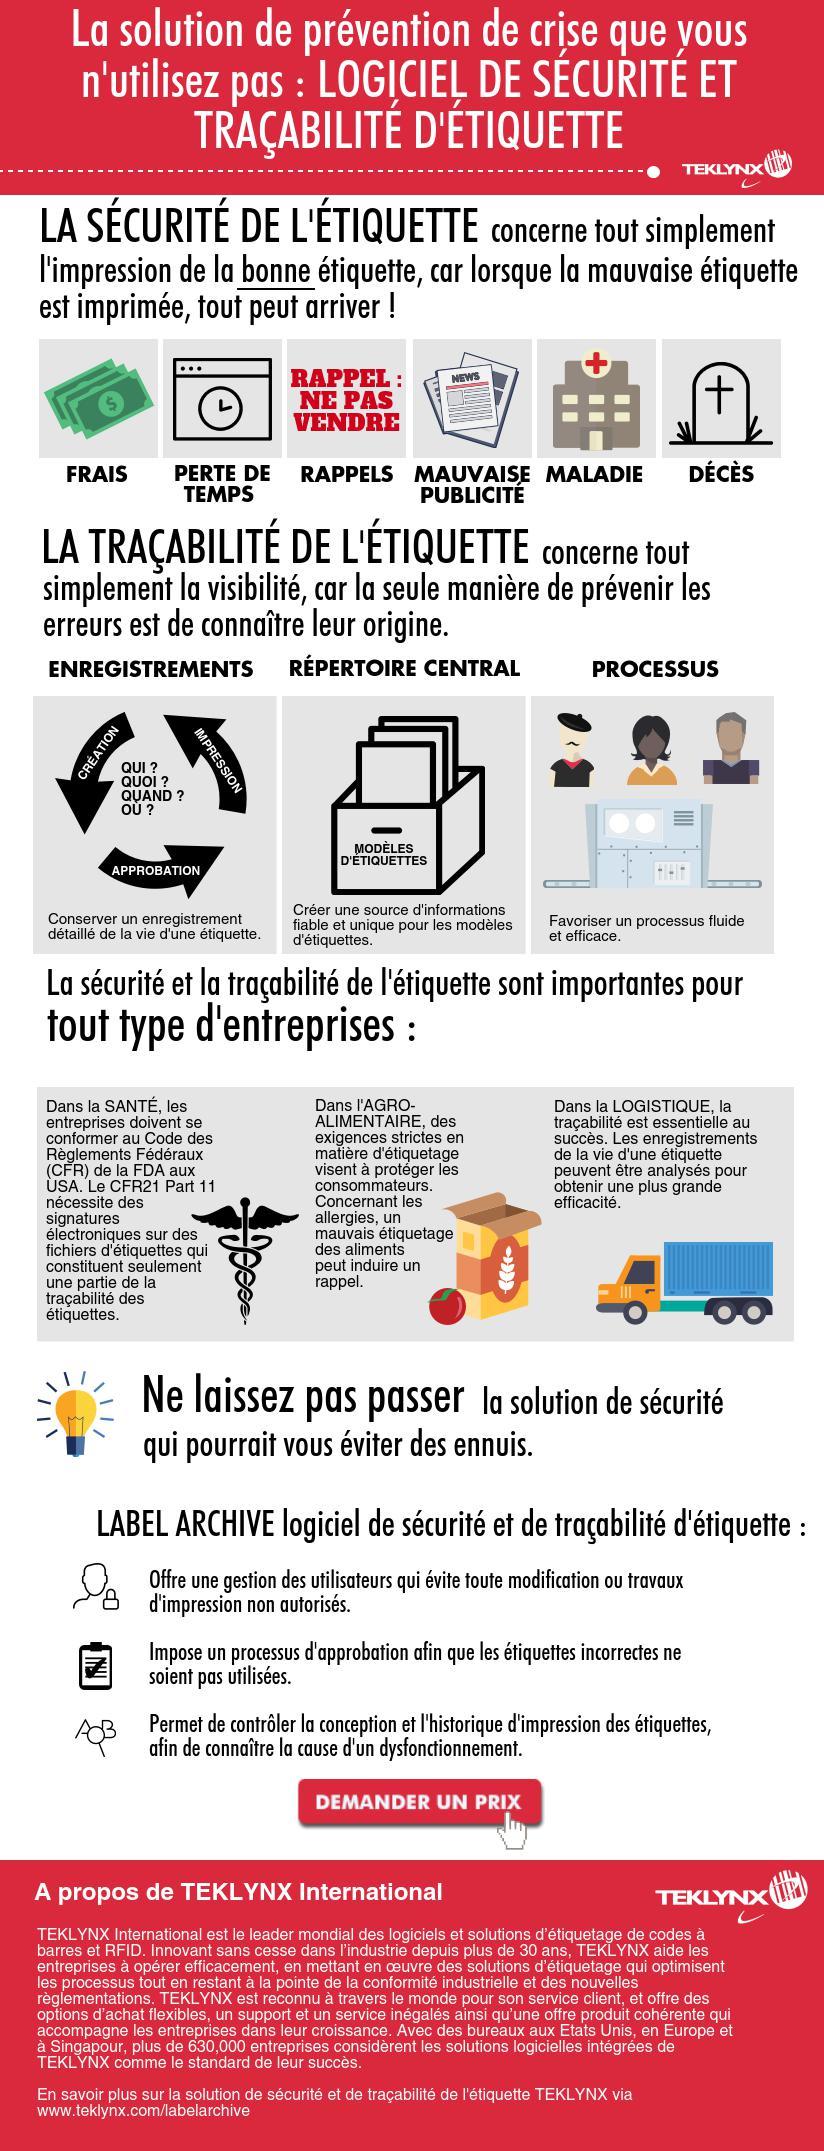 Infographique : Sécurité et traçabilité des étiquettes